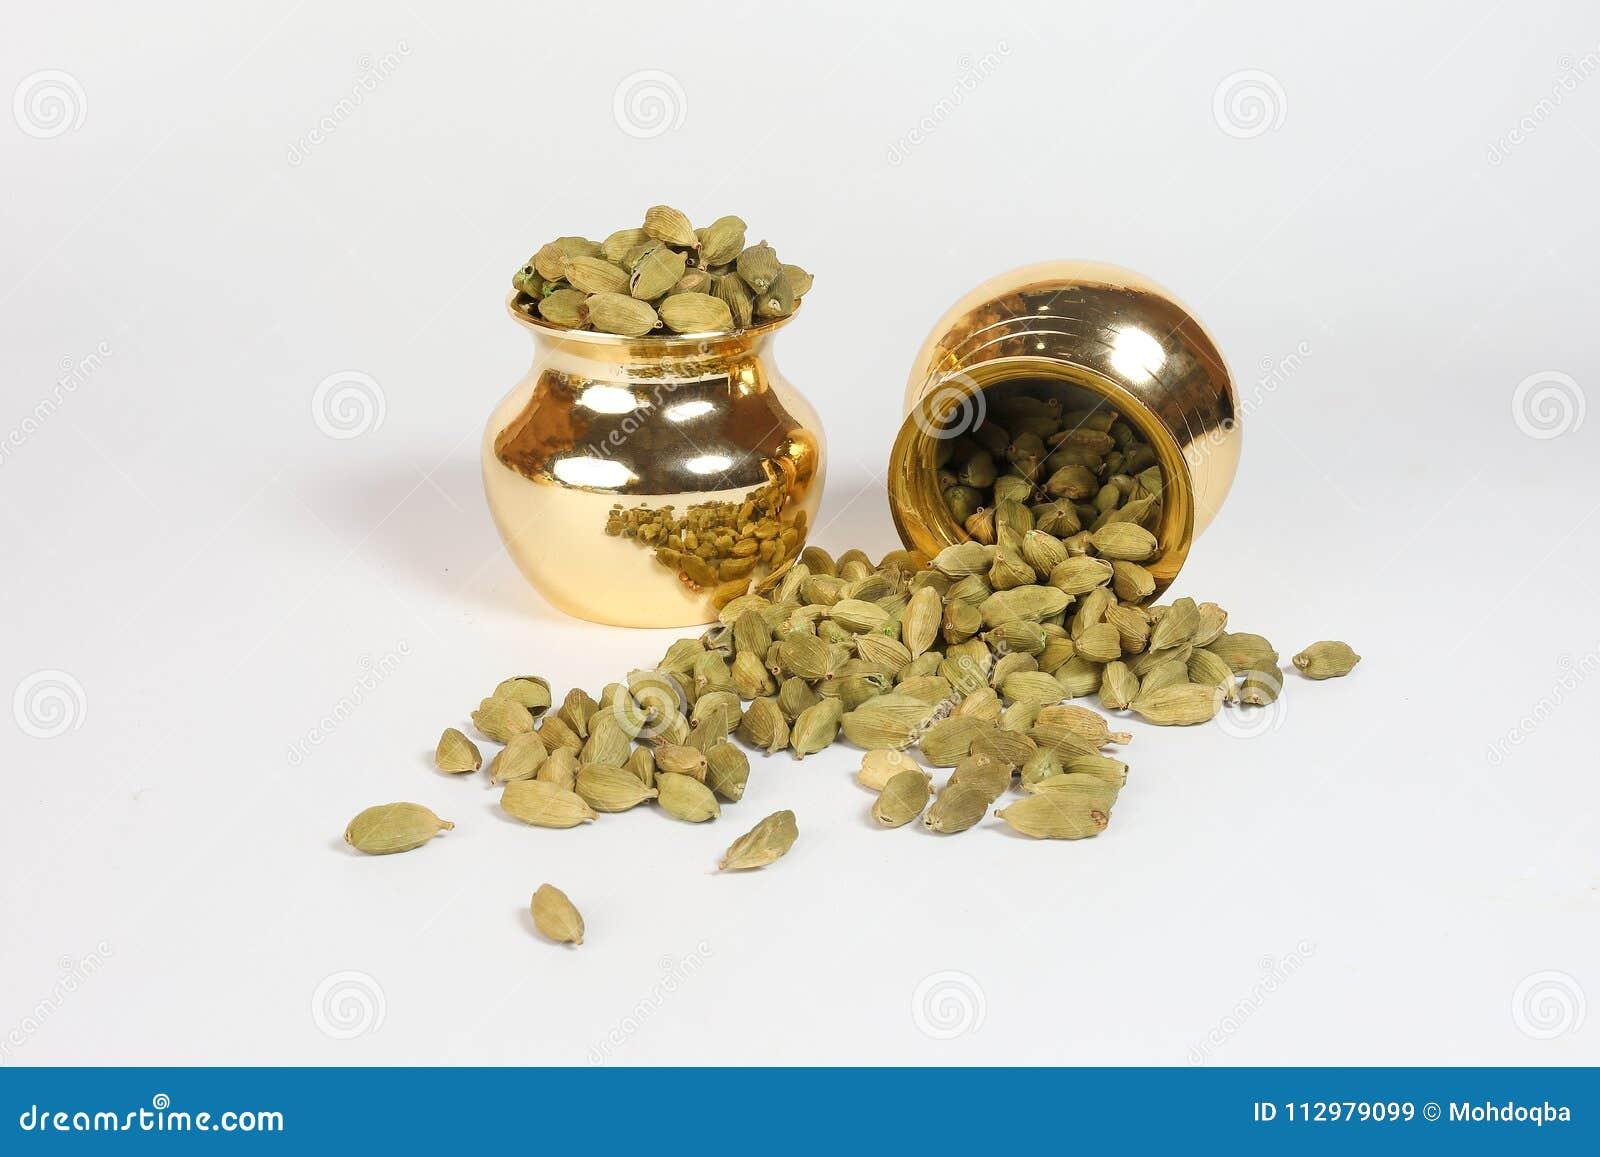 Cardamom spice in shiny metal pot